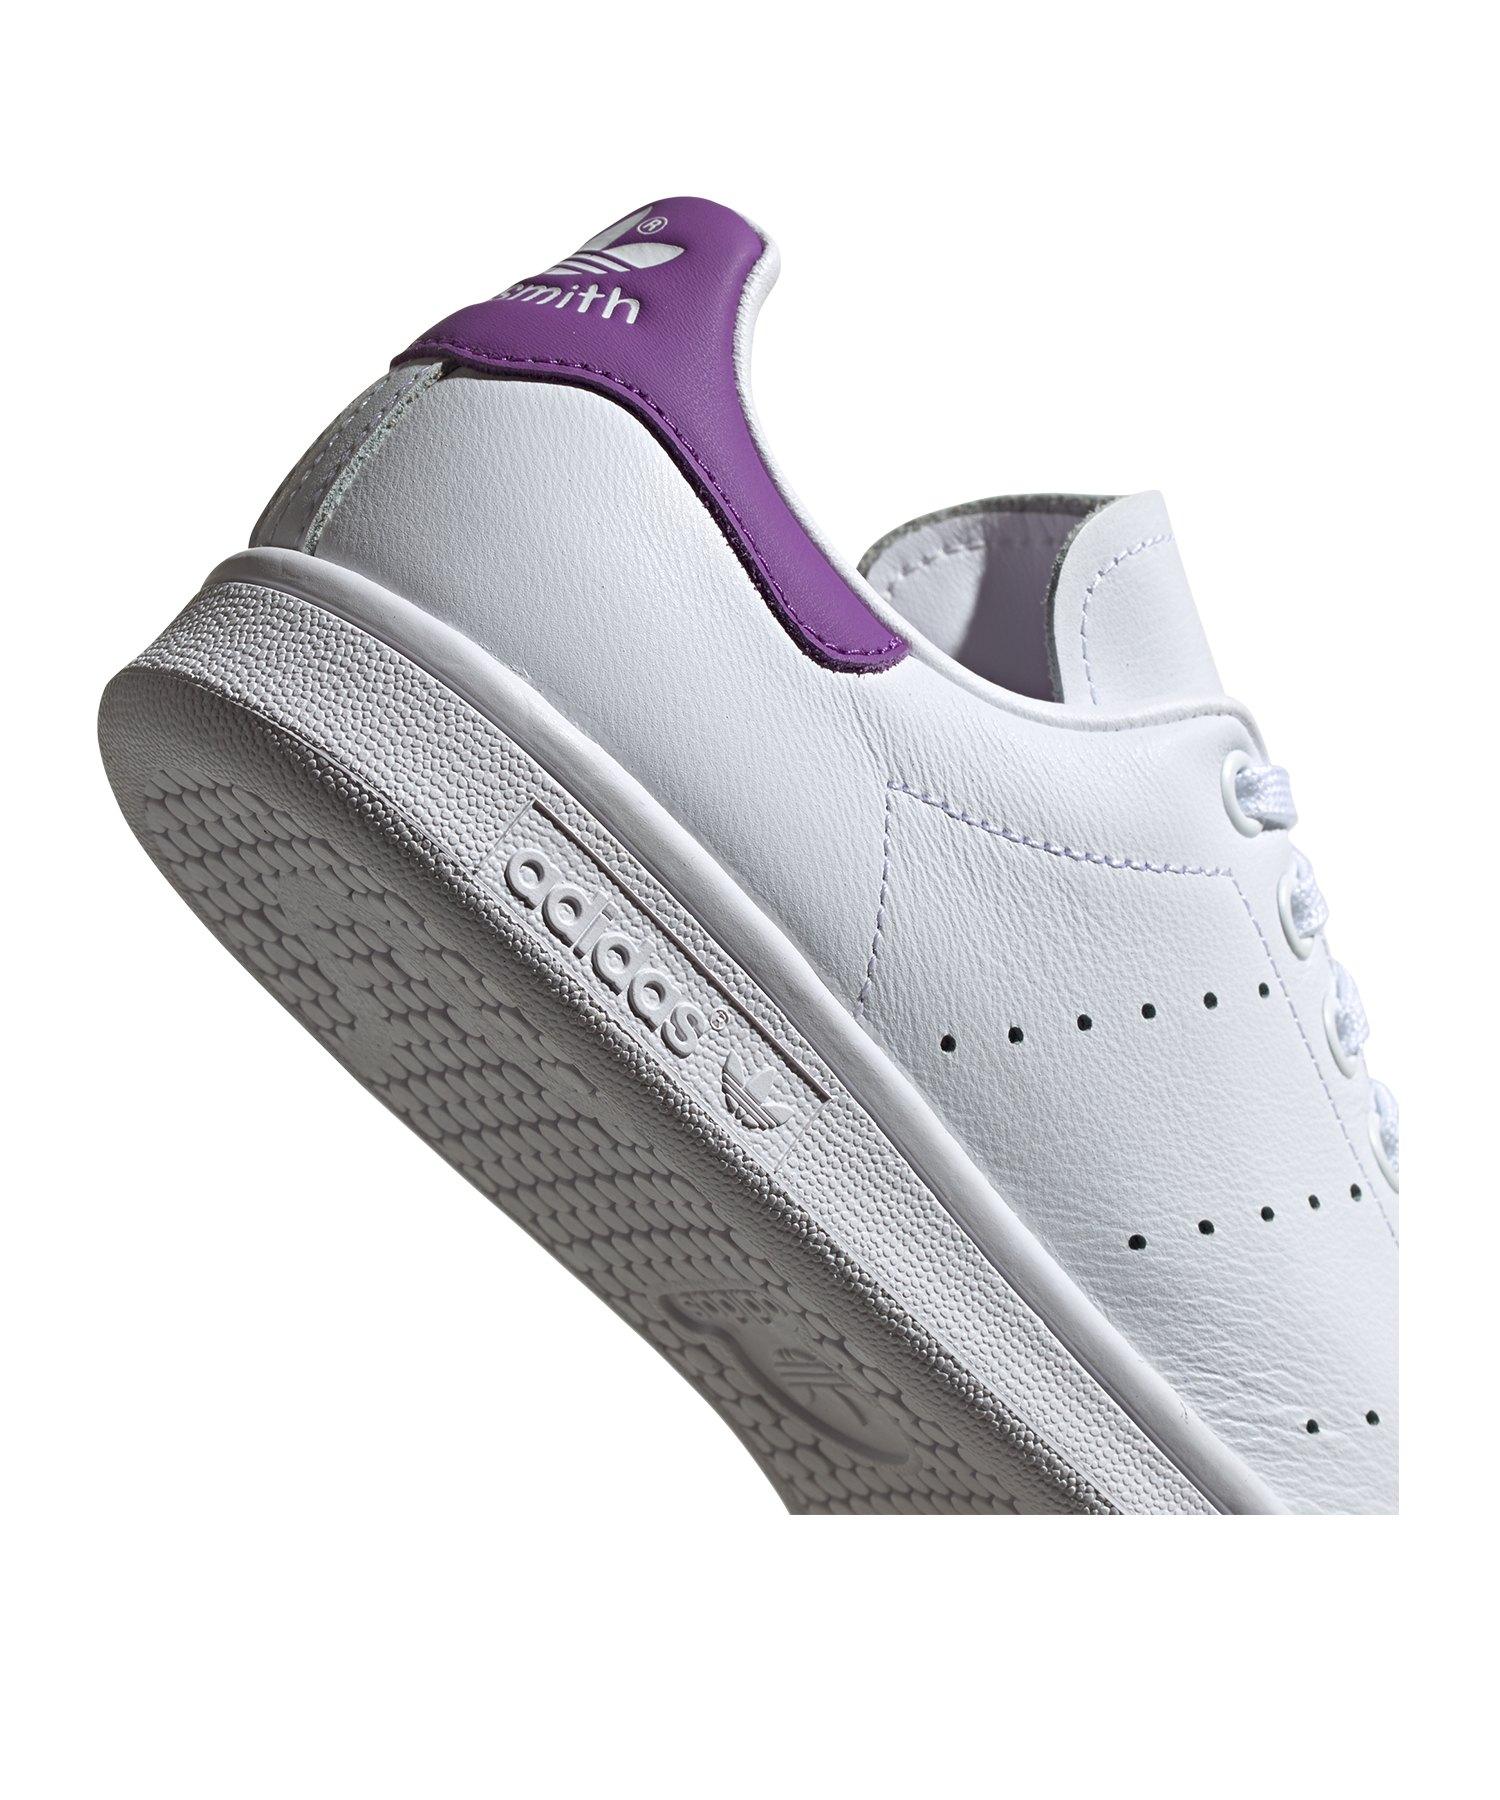 Originals Weiss Adidas Stan Sneaker Smith Damen nP80wOk